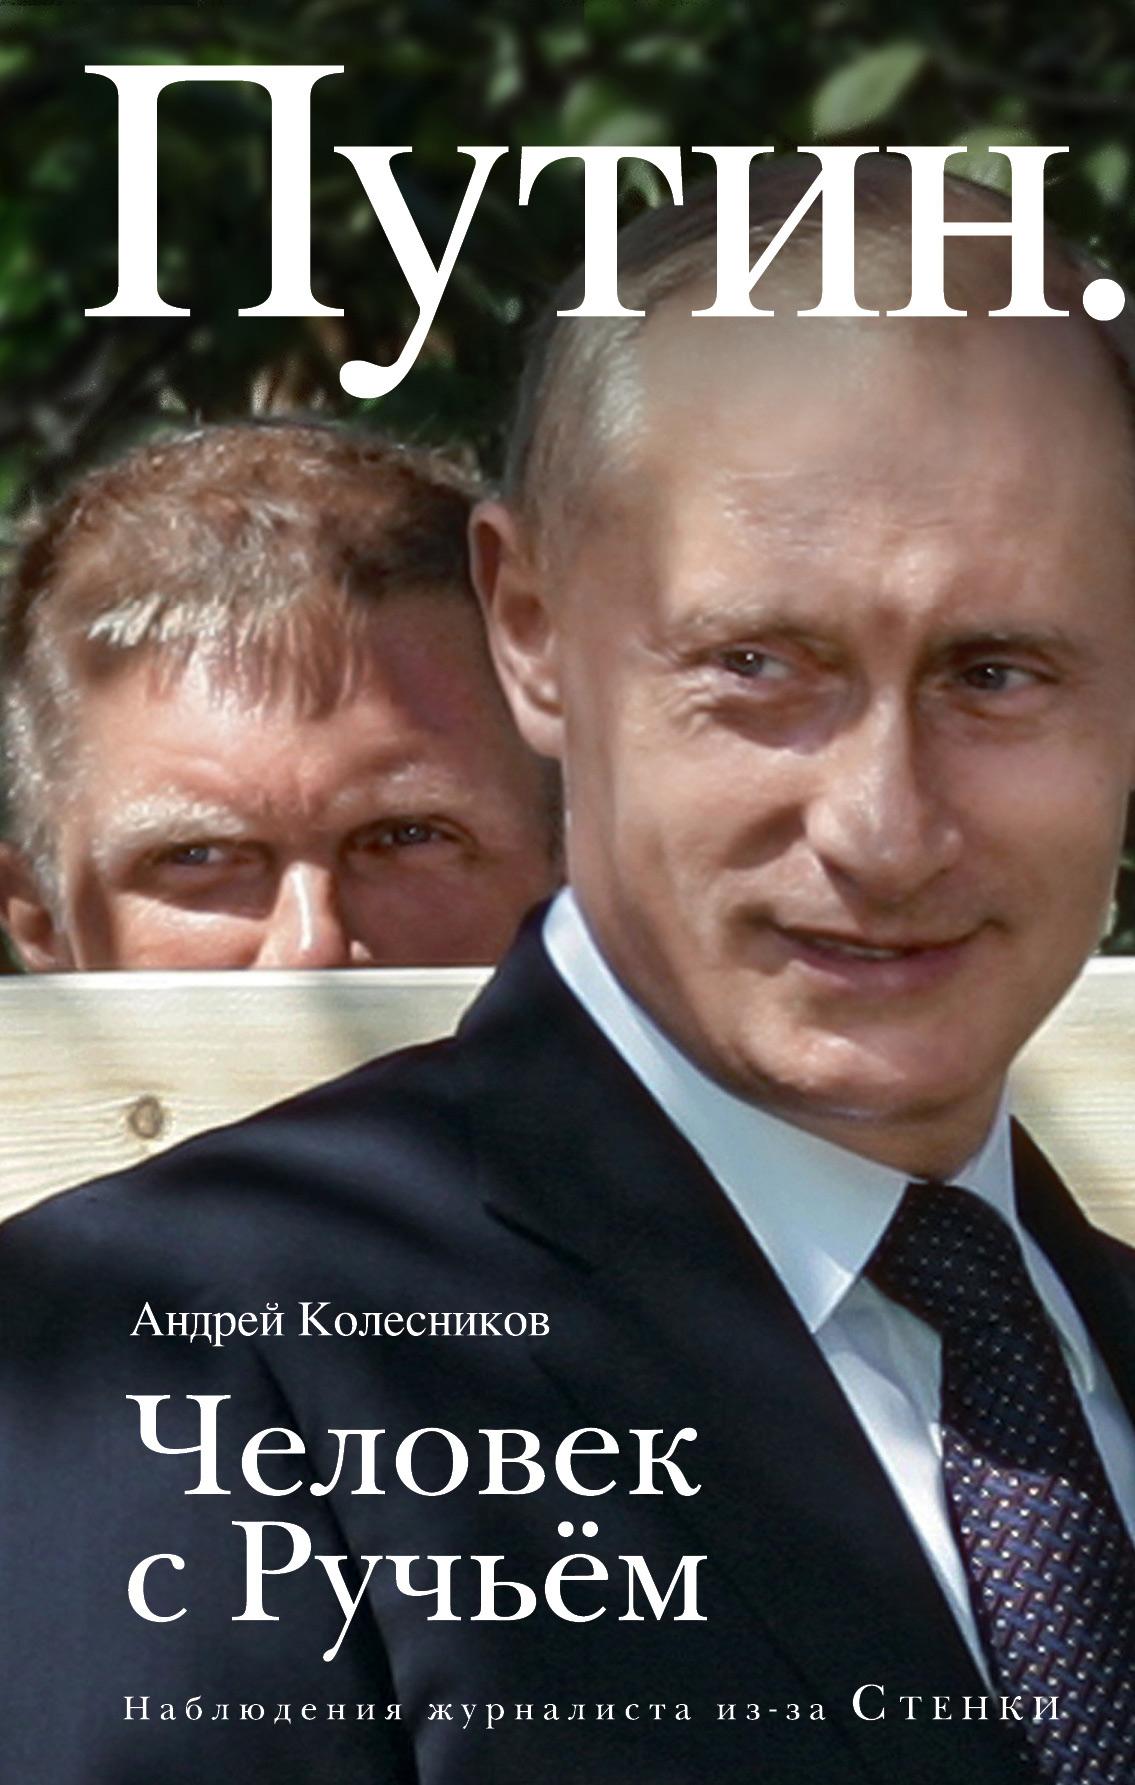 Андрей Колесников Путин. Человек с Ручьем андрей колесников путин человек с ручьем